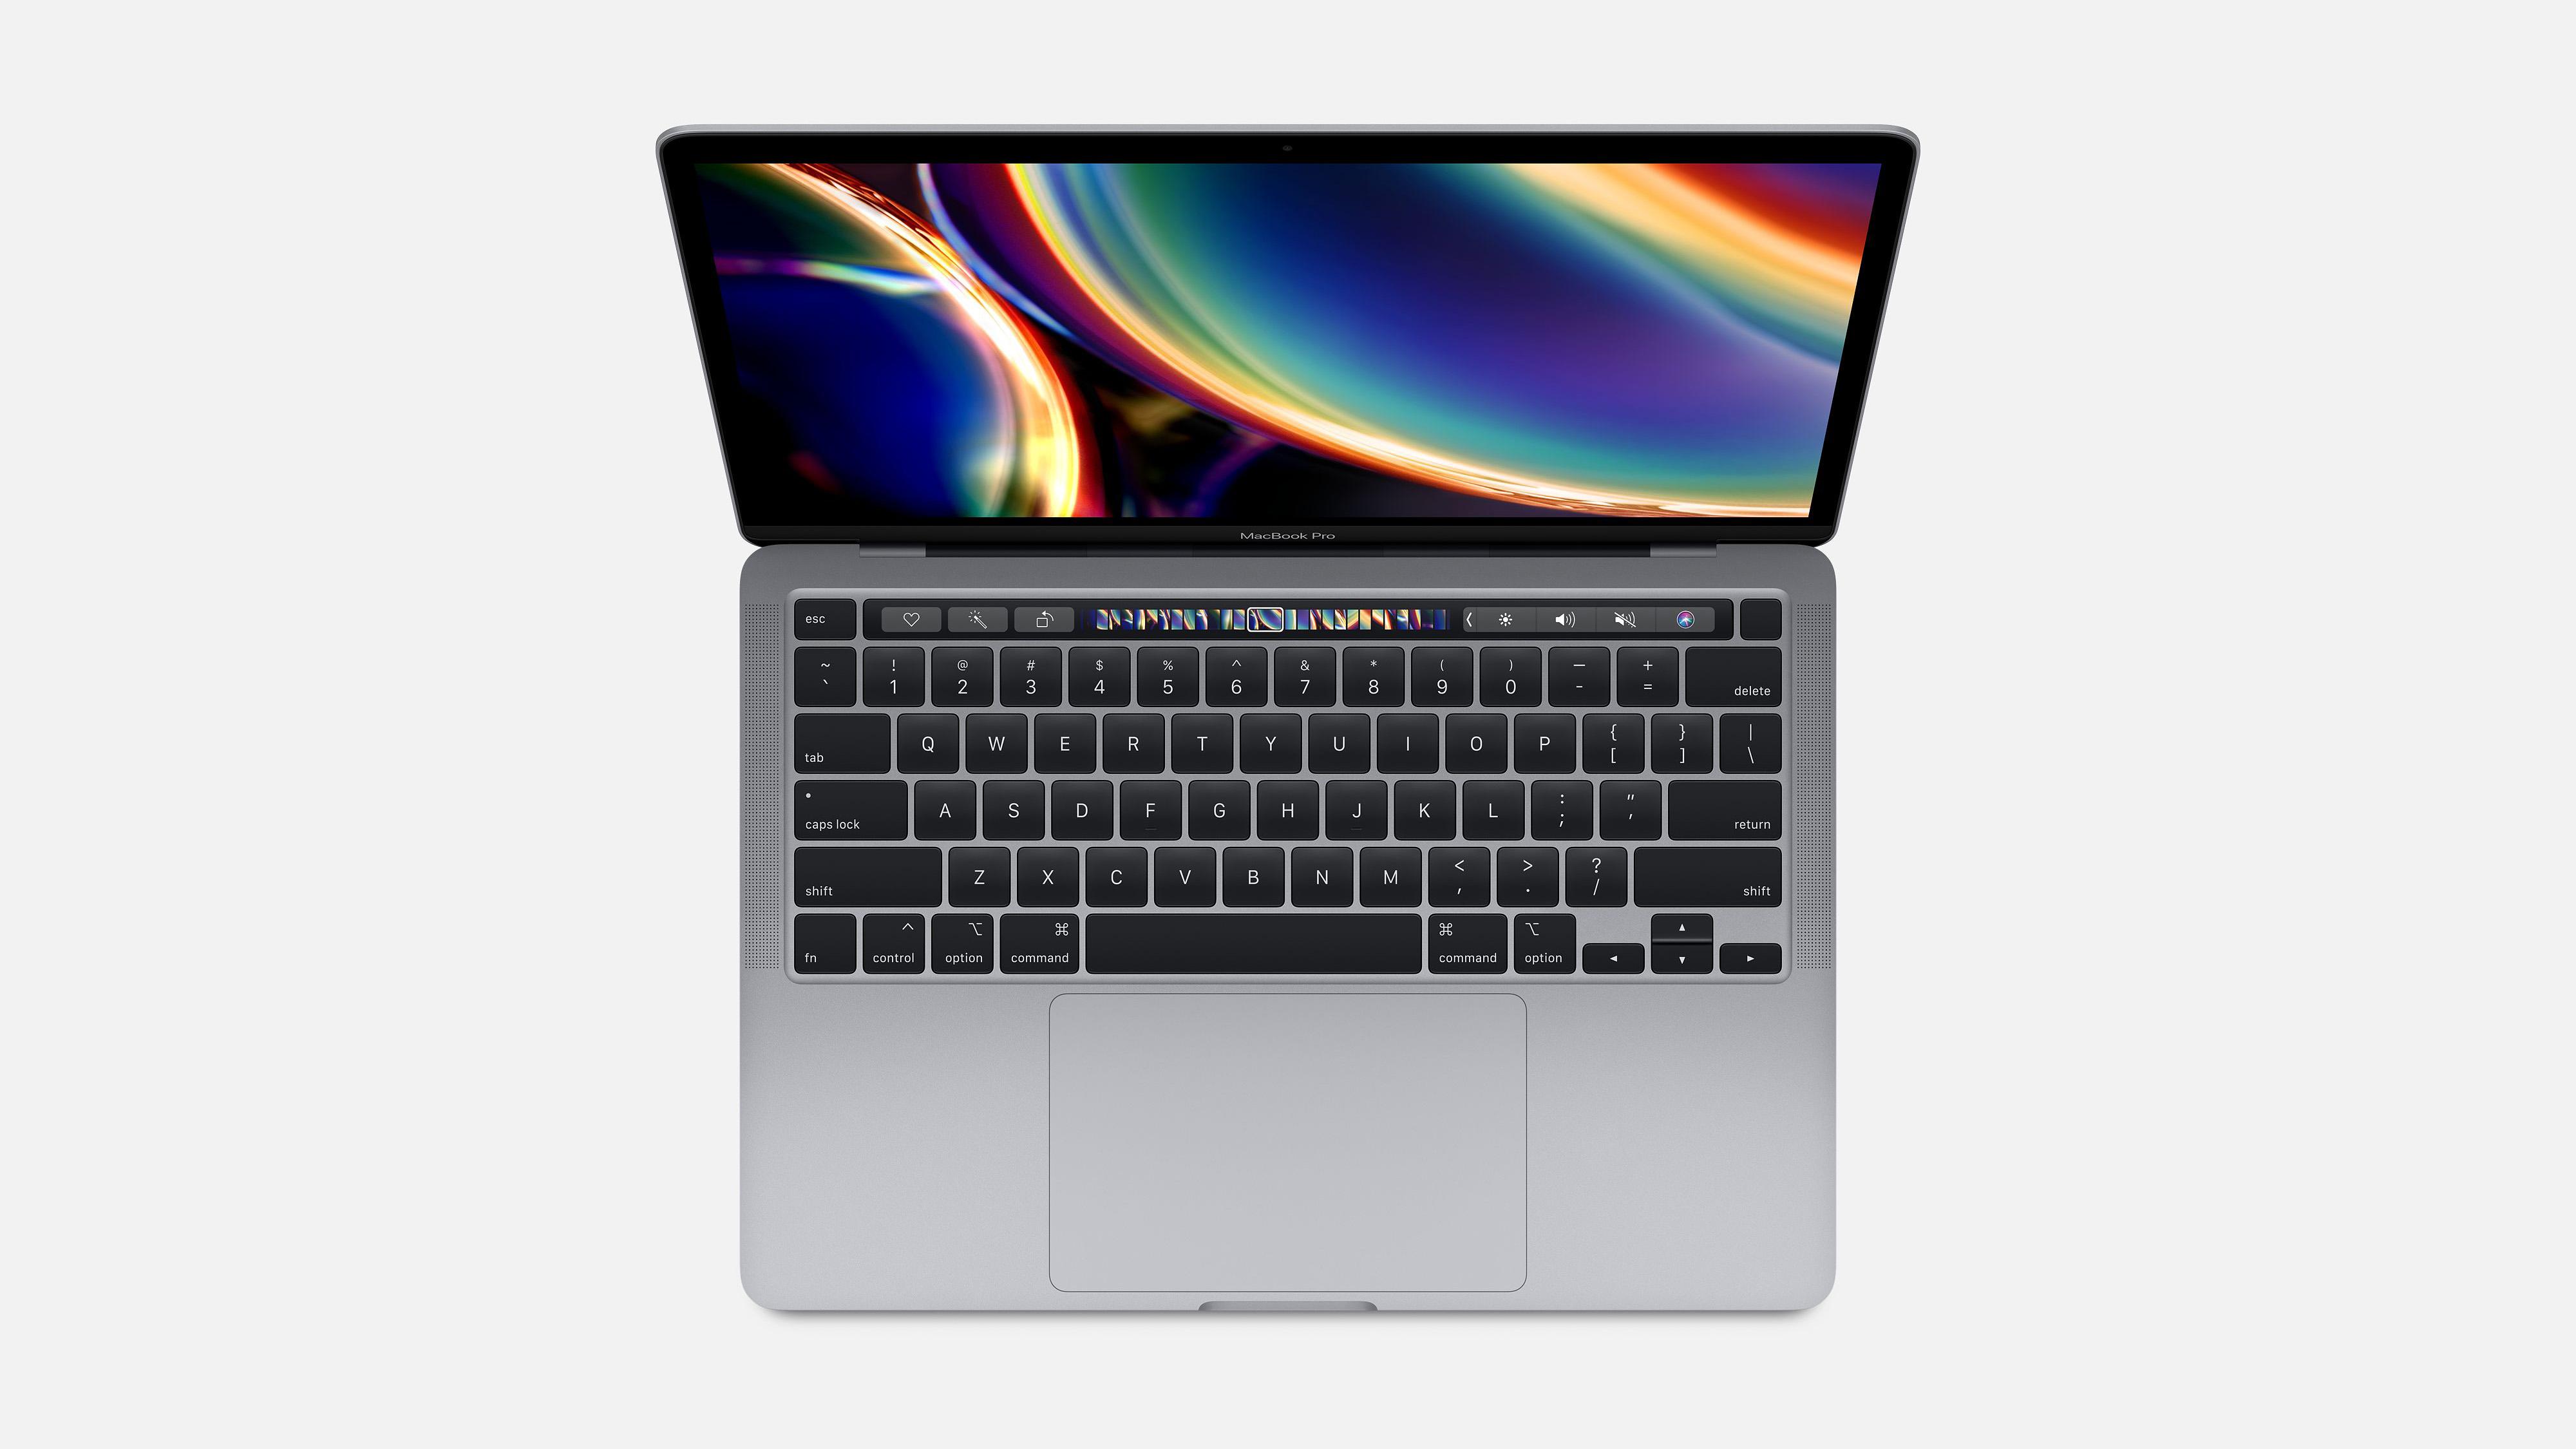 MacBook Pro (13-inch, 2020)